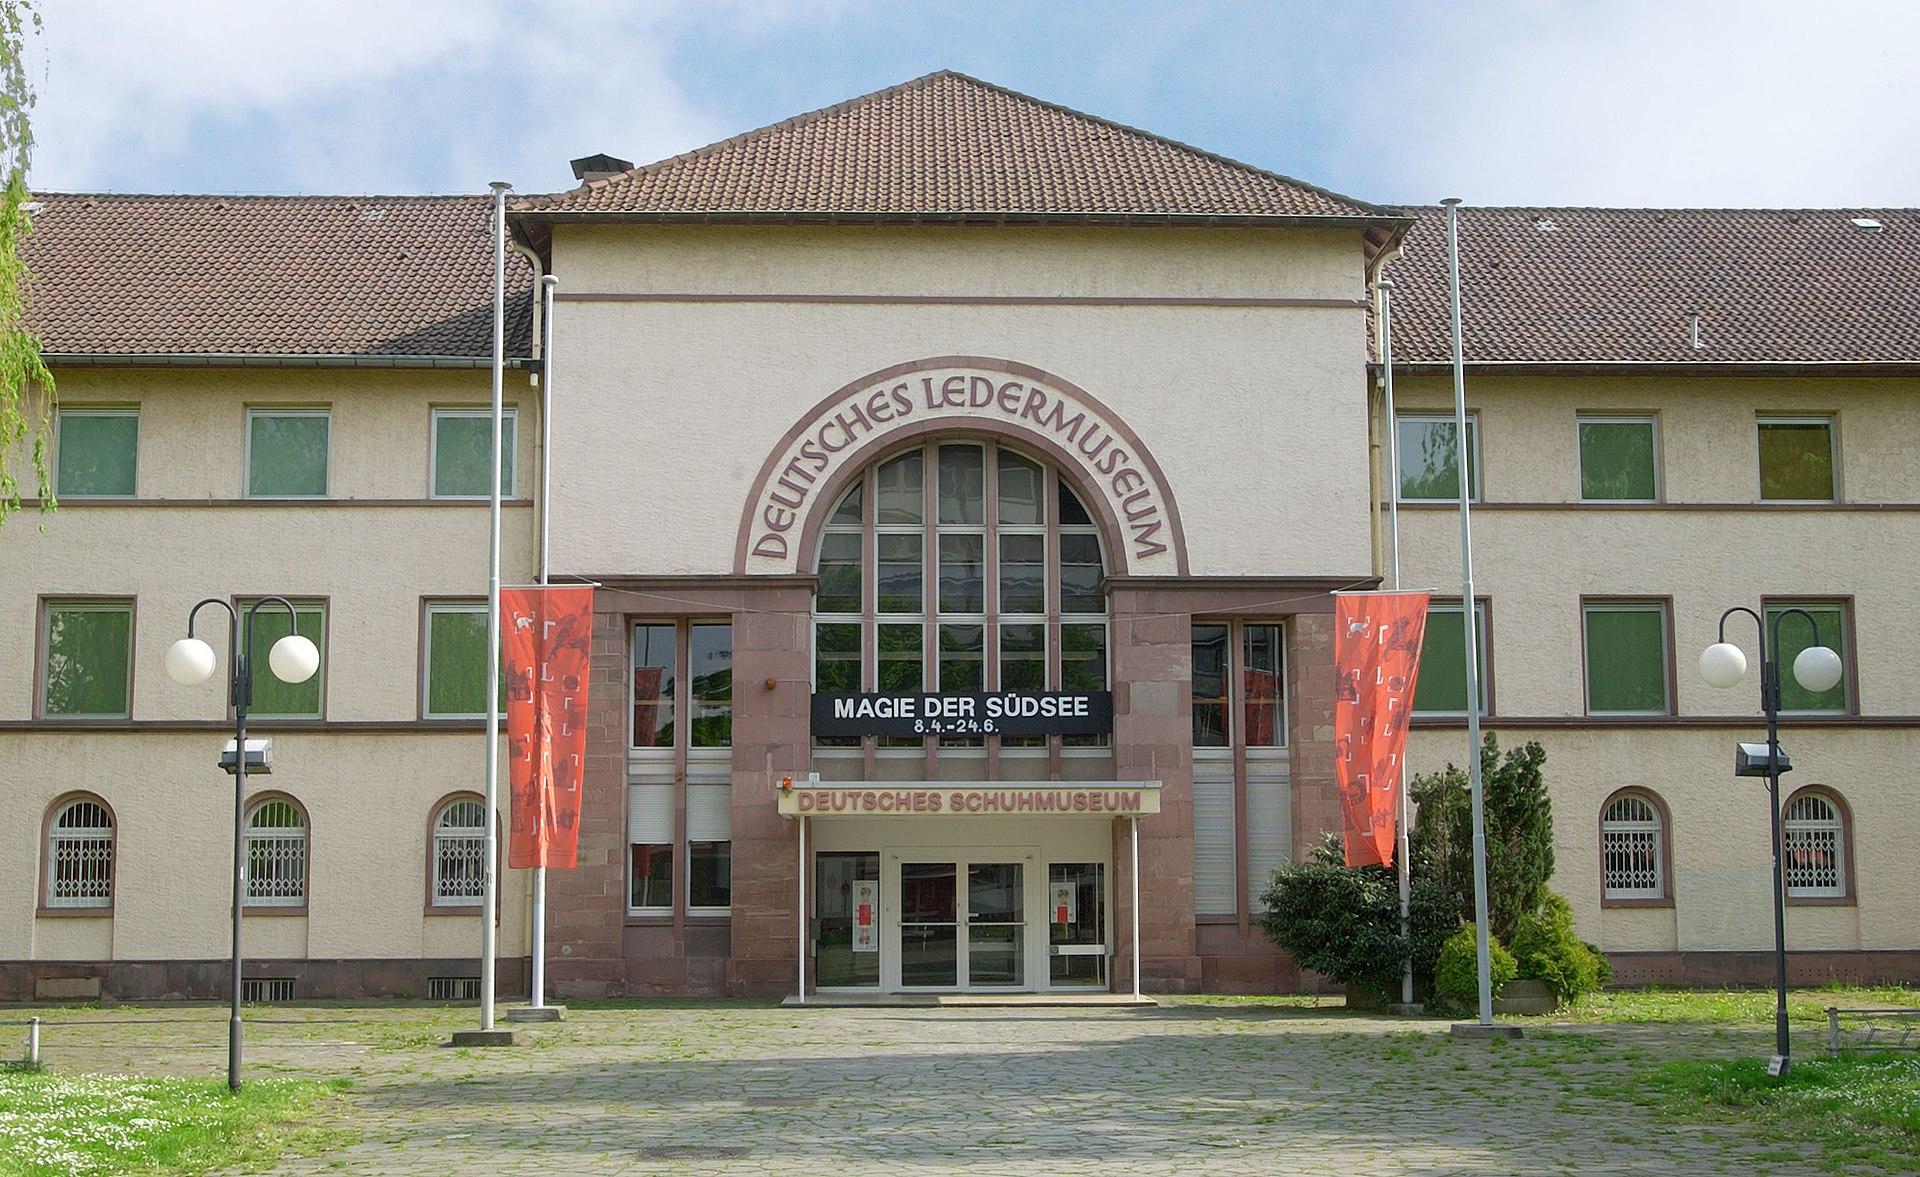 Deutsches ledermuseum wikipedia for Hochschule gestaltung offenbach